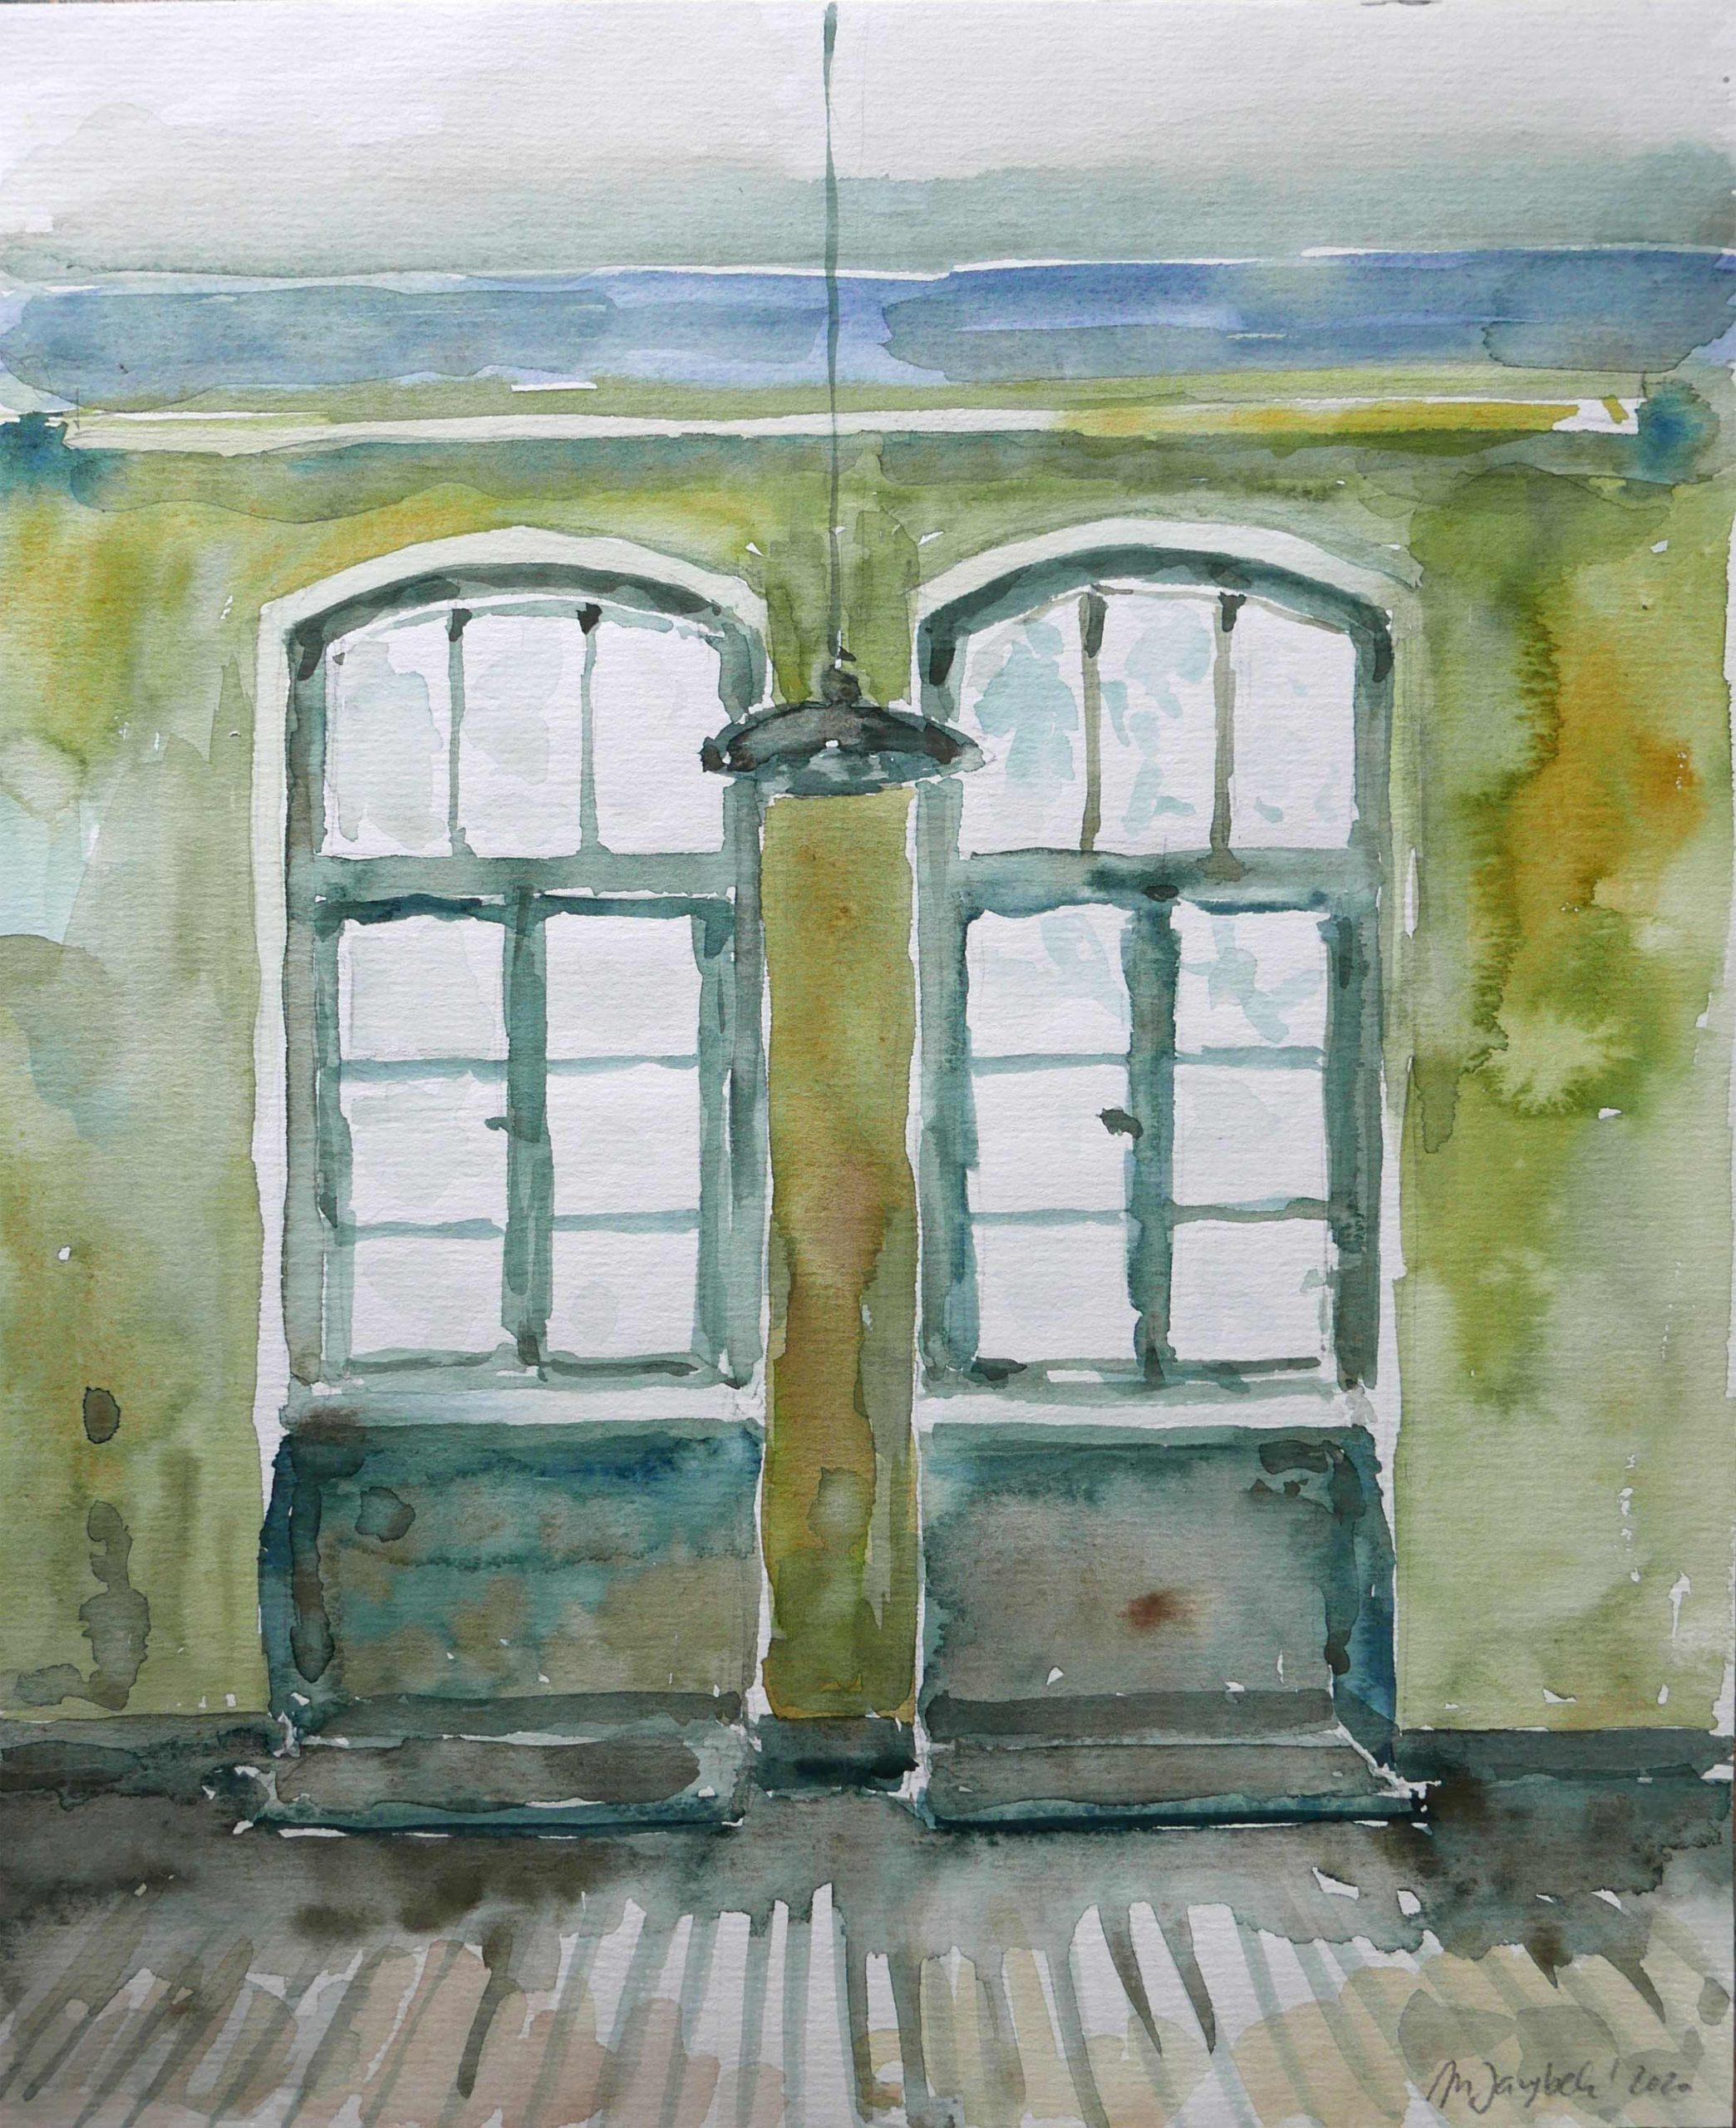 Aquarellbild leeres Zimmer Wohnungsbecichtigung Altbaufenster